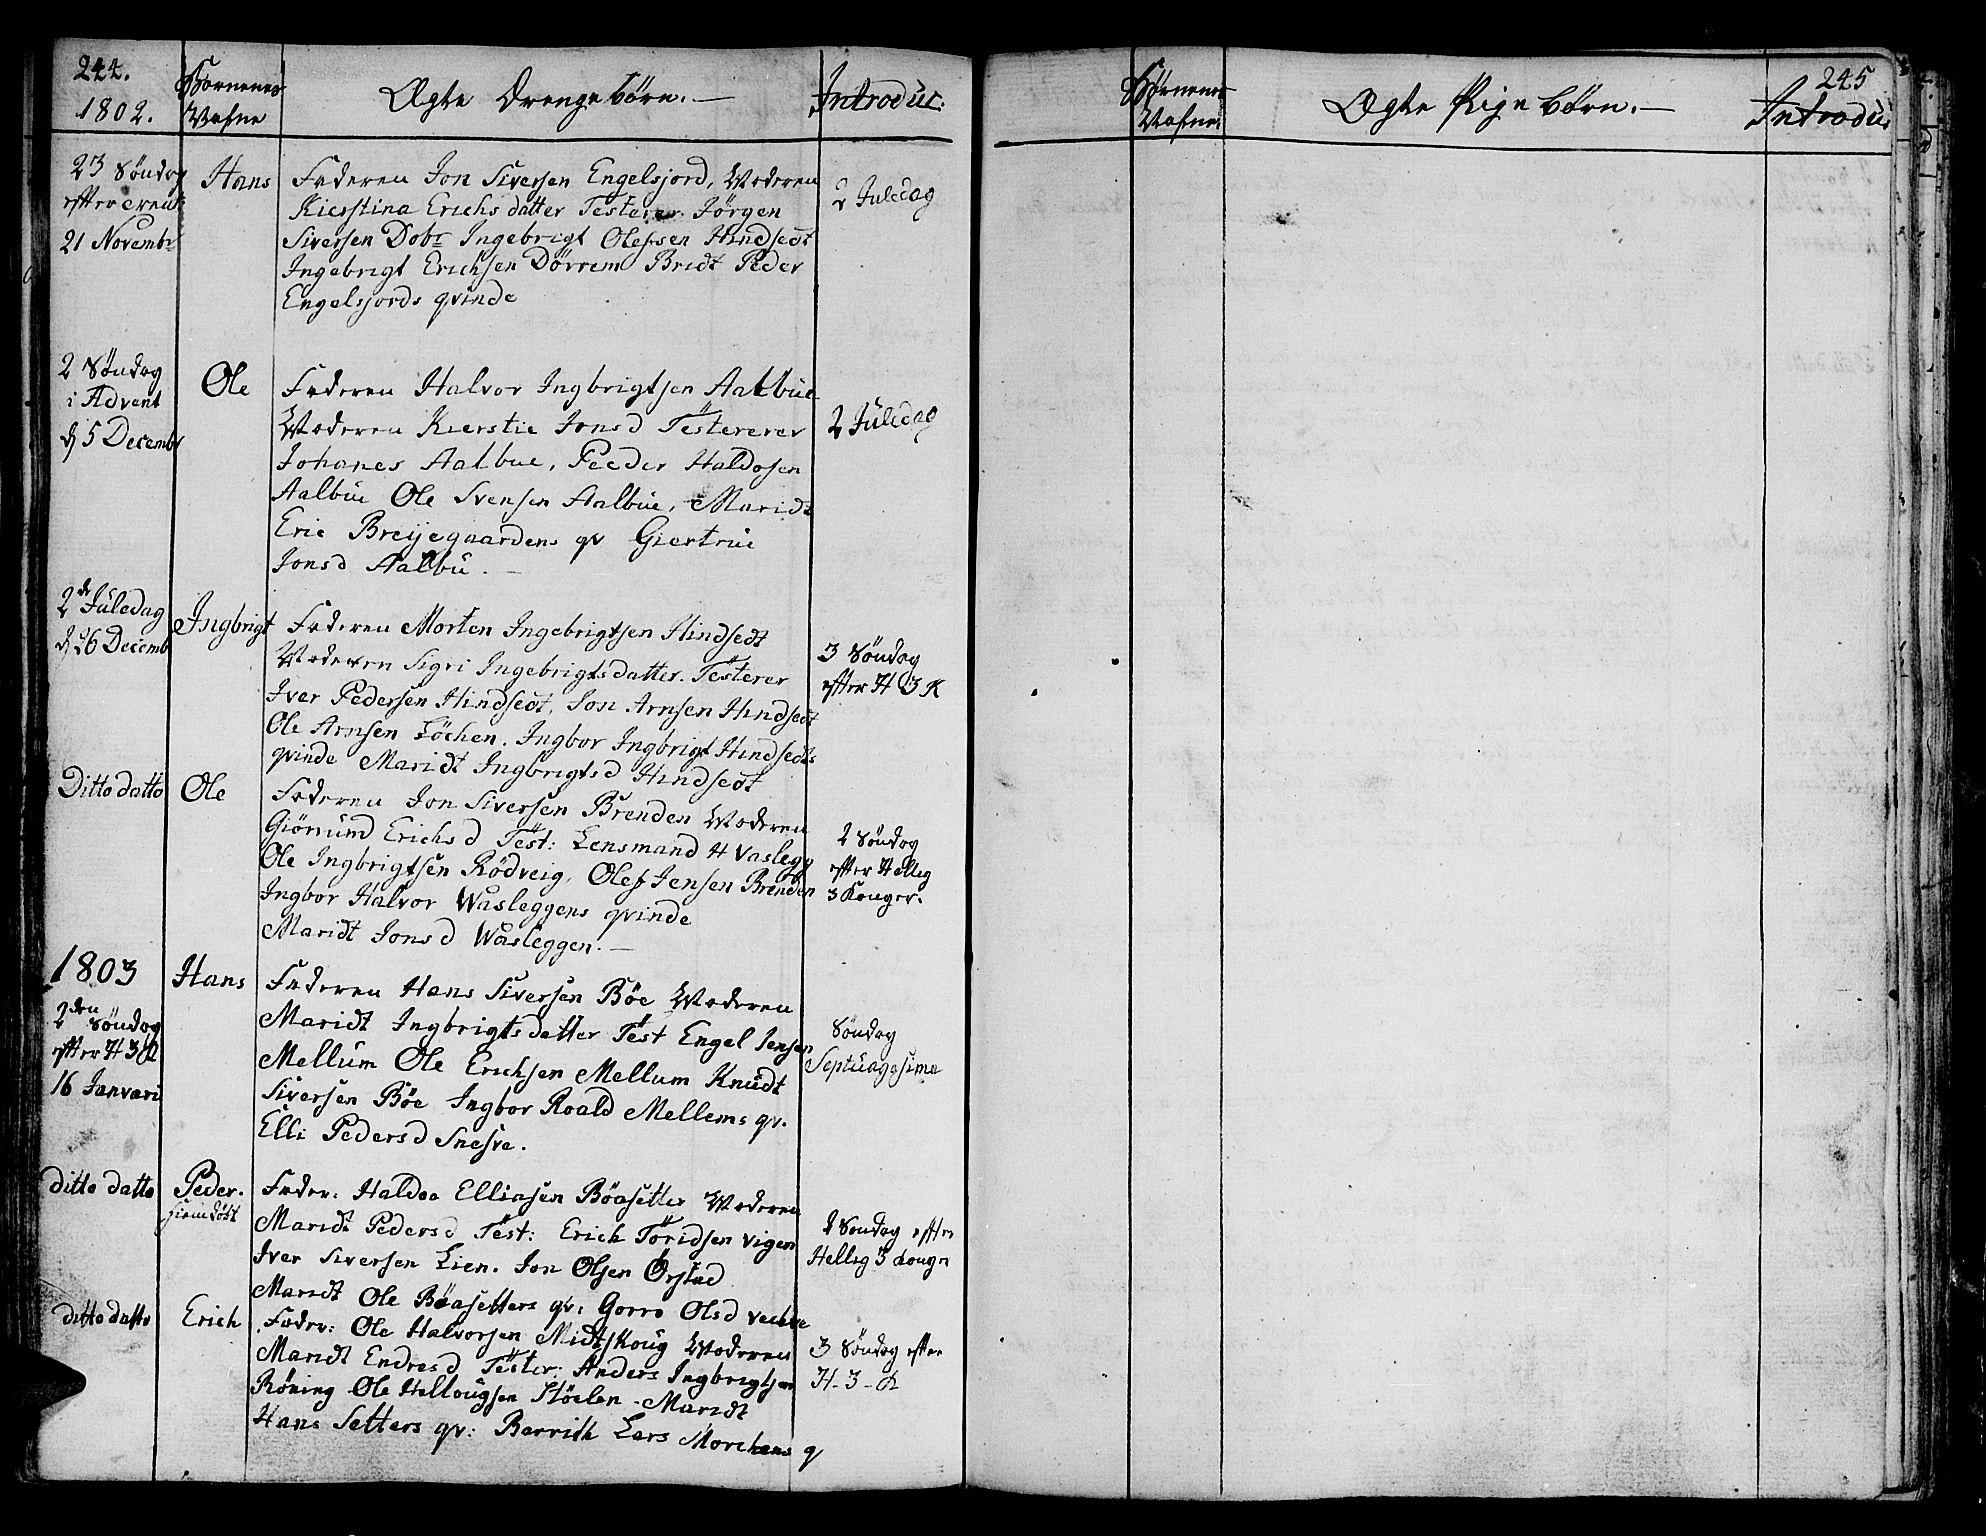 SAT, Ministerialprotokoller, klokkerbøker og fødselsregistre - Sør-Trøndelag, 678/L0893: Ministerialbok nr. 678A03, 1792-1805, s. 244-245